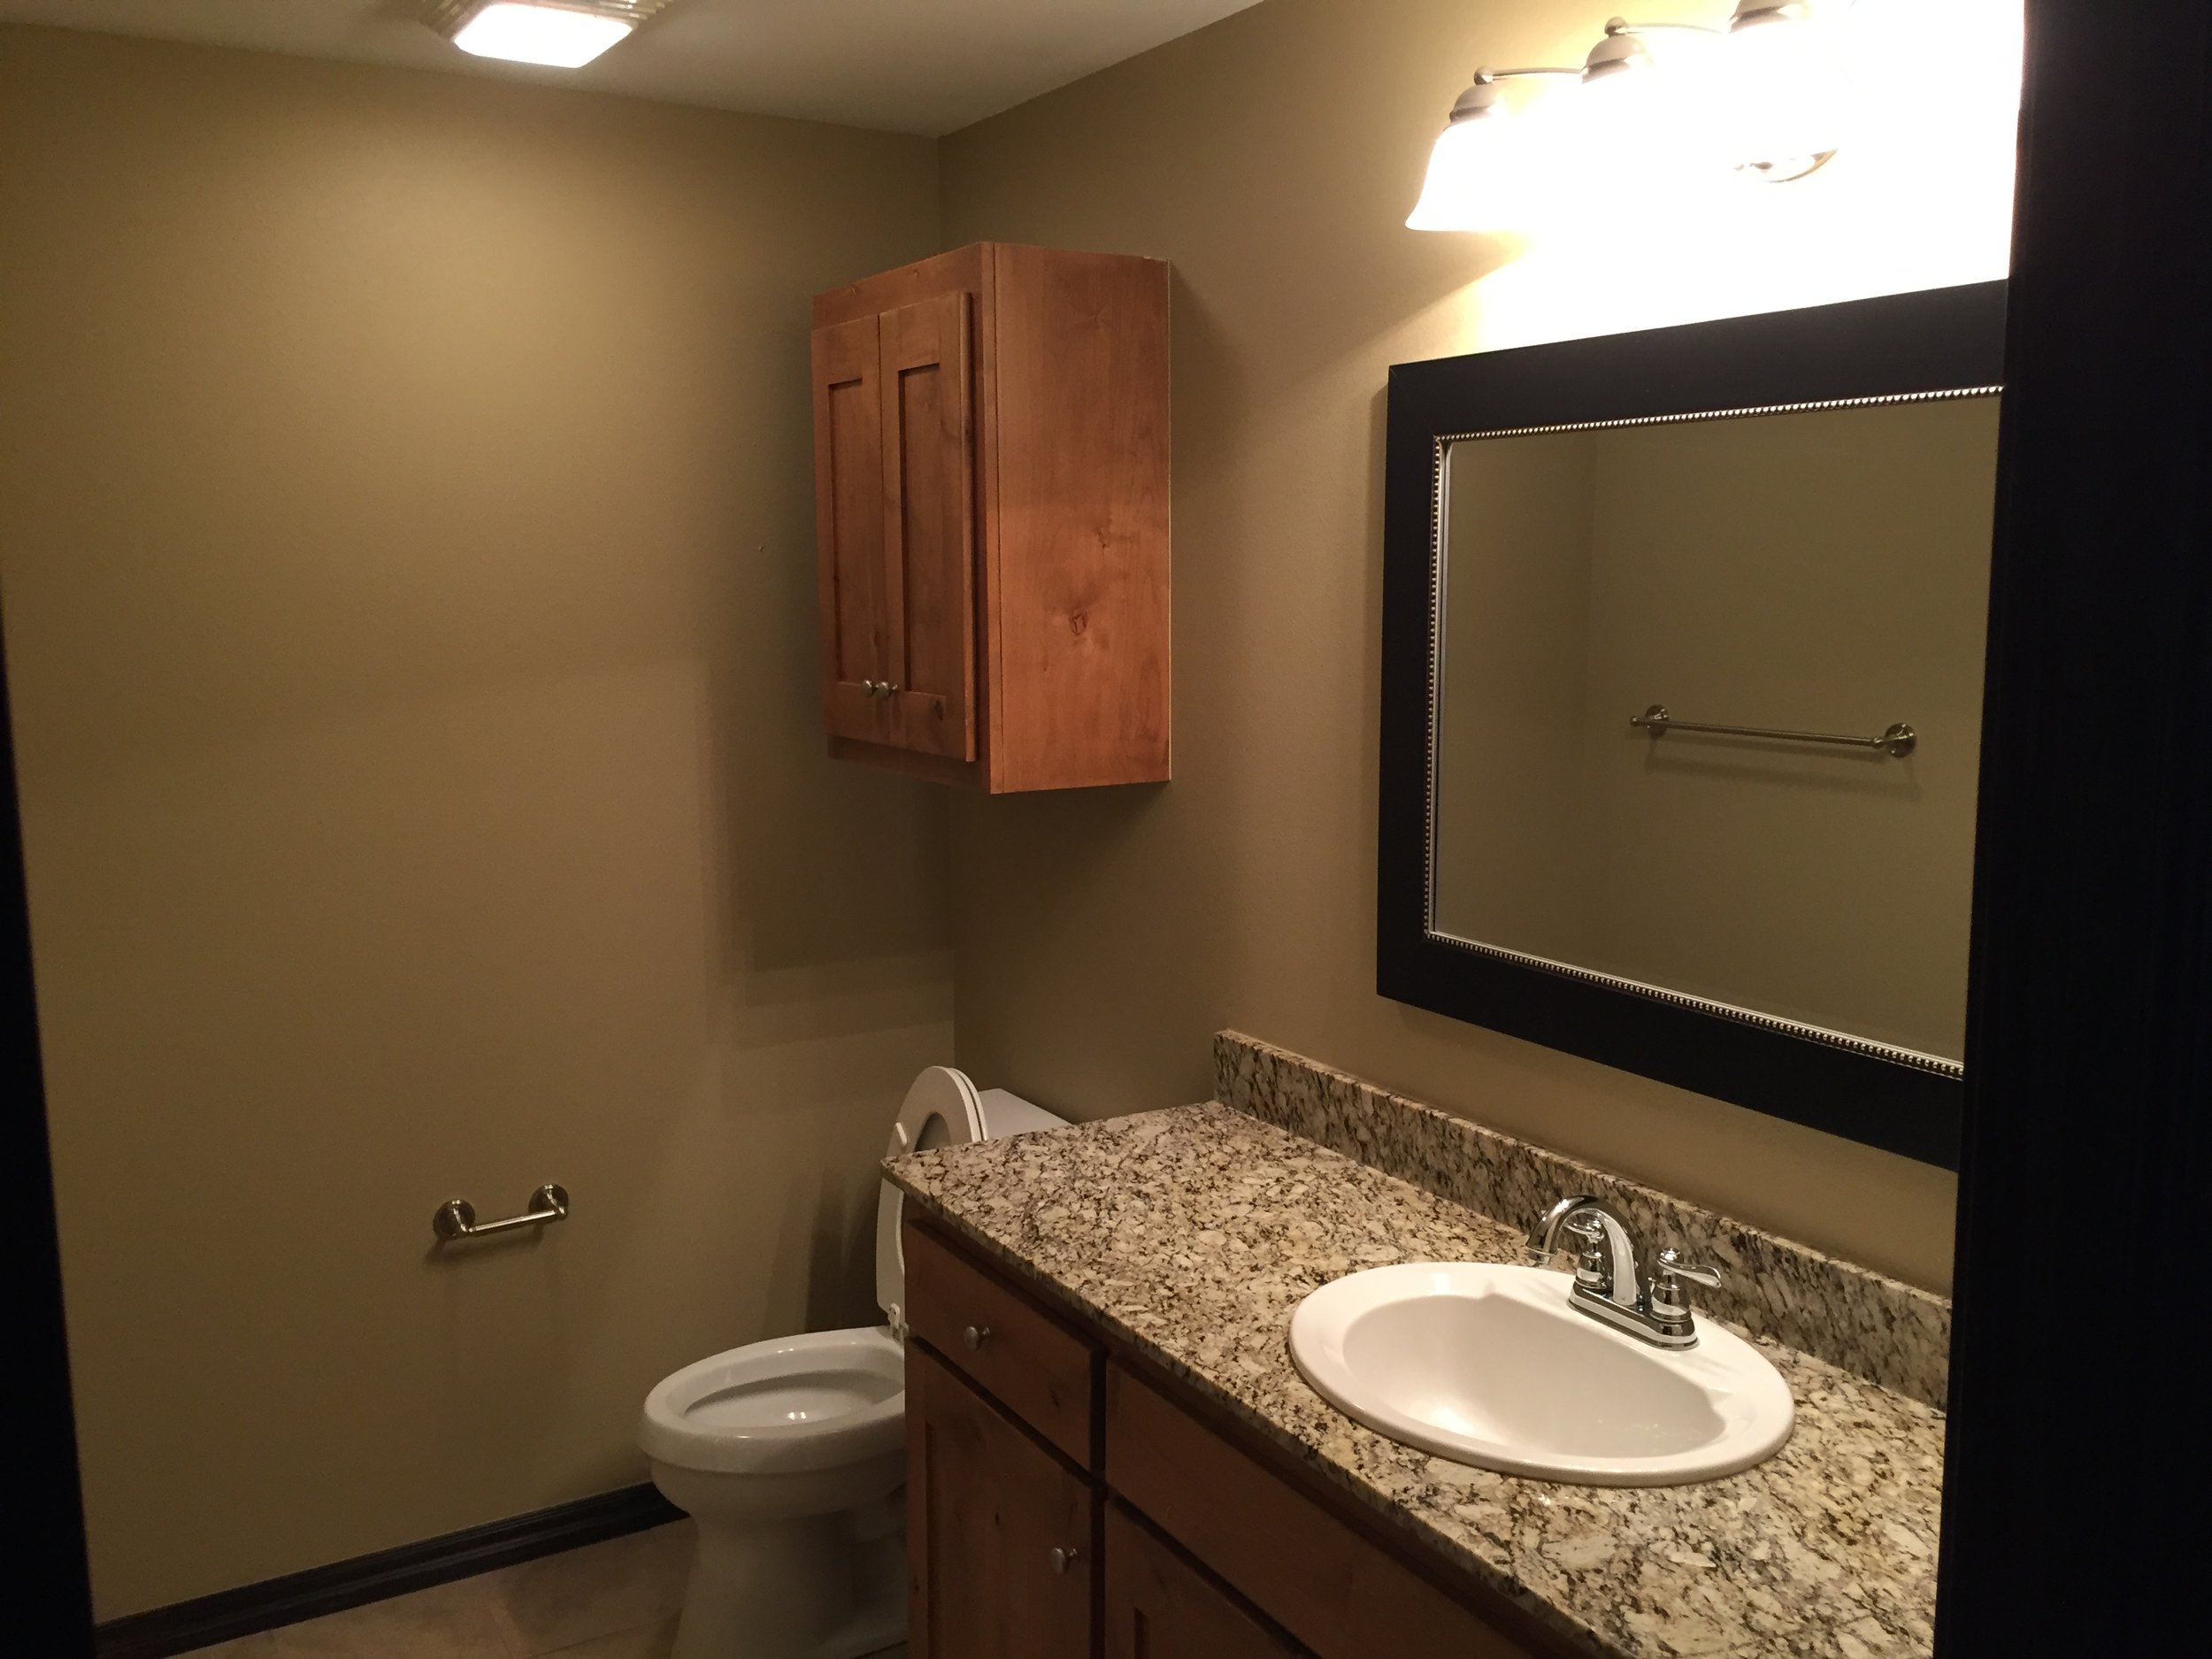 2011 se nova ave unit 4 bathroom